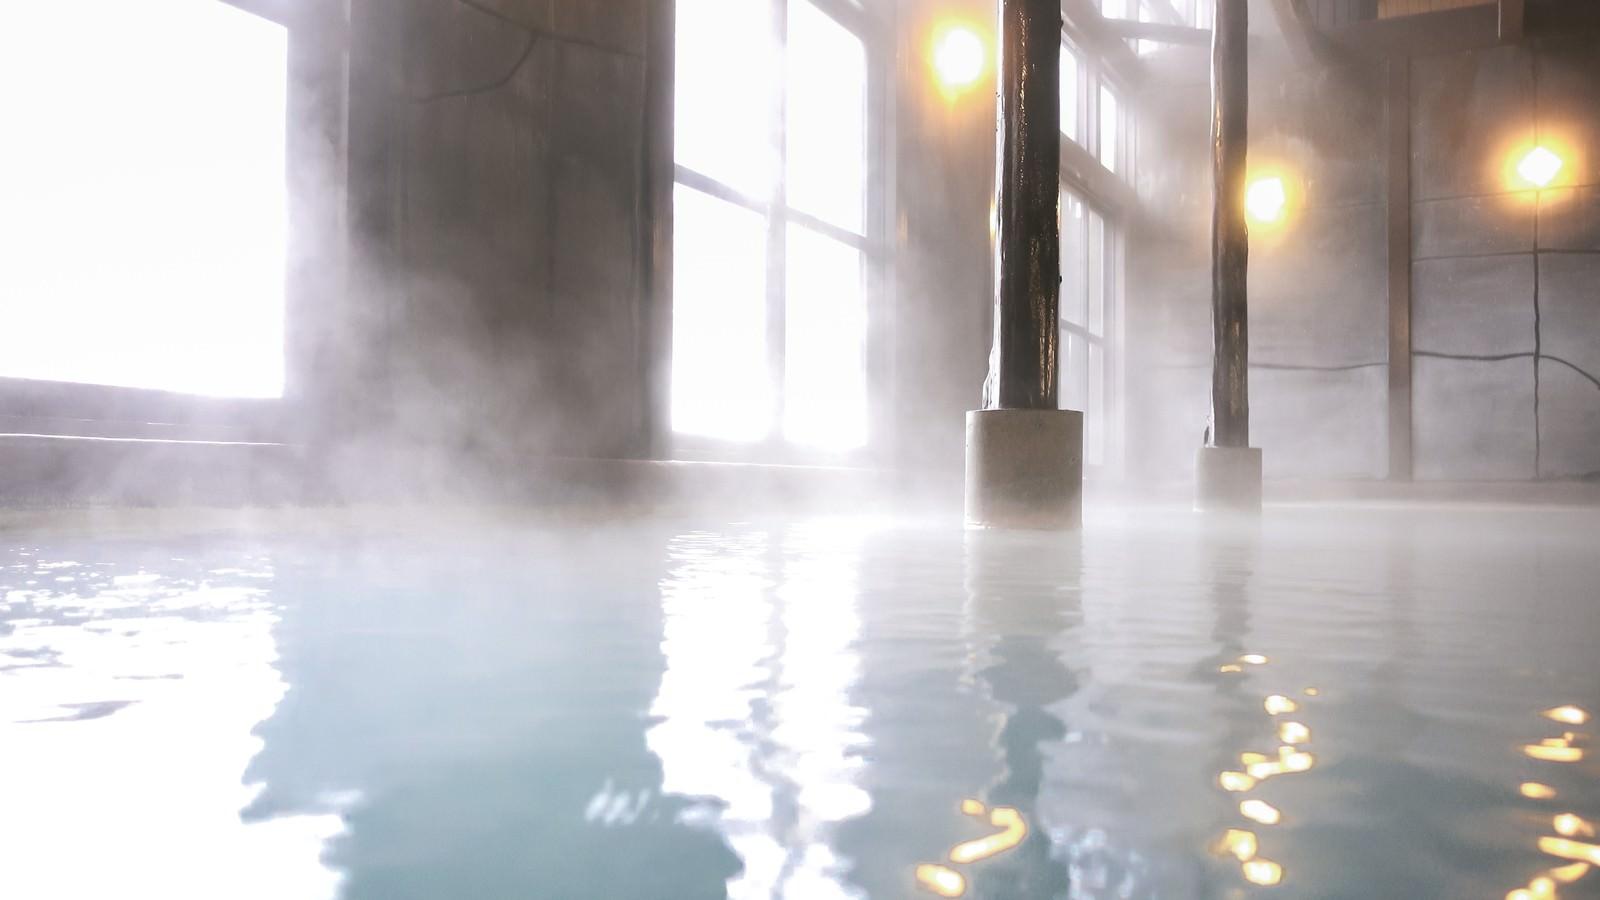 「湯けむり上がり極上の湯浴みができる源泉かけ流し温泉湯けむり上がり極上の湯浴みができる源泉かけ流し温泉」のフリー写真素材を拡大